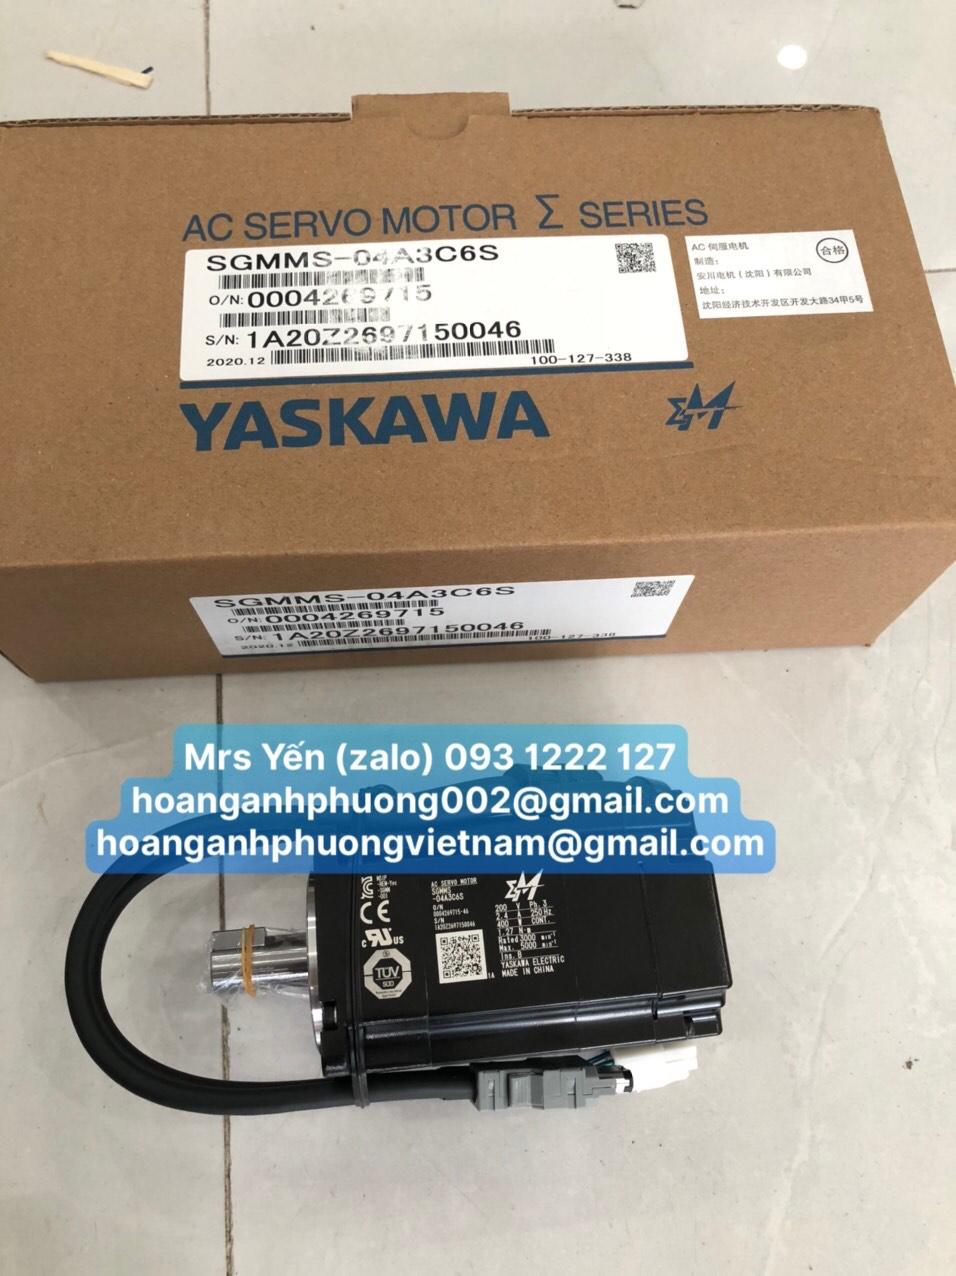 AC Servo SGMMS-04A3C6S 0.4KW 200V 2.4A-Cty Hoàng Anh Phương